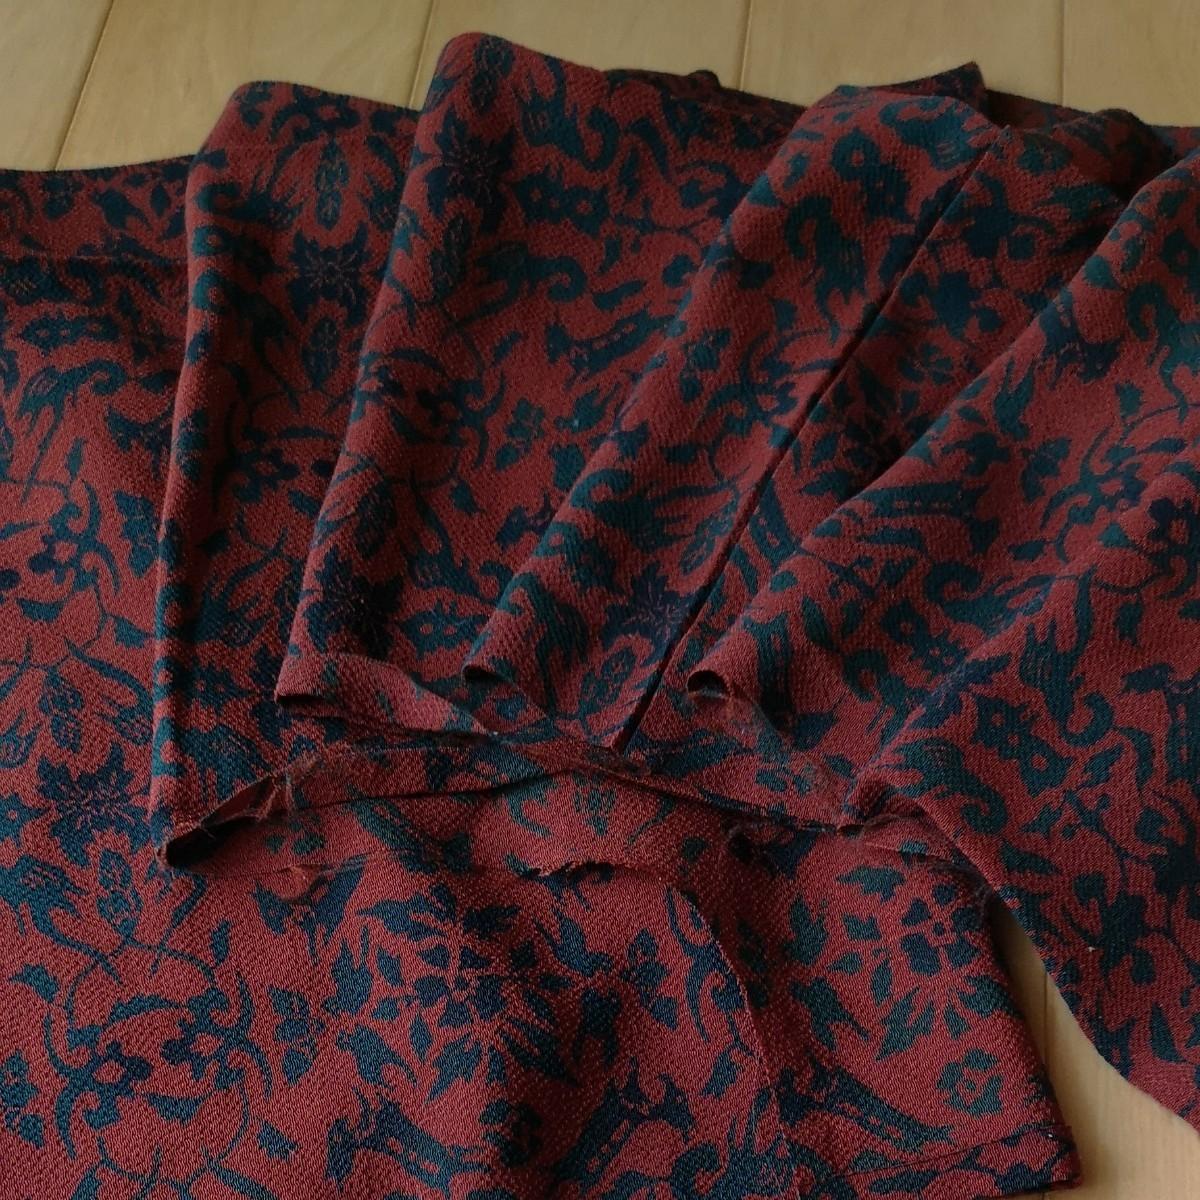 着物羽織りほどき 正絹 ちりめん  アンティーク 着物リメイク